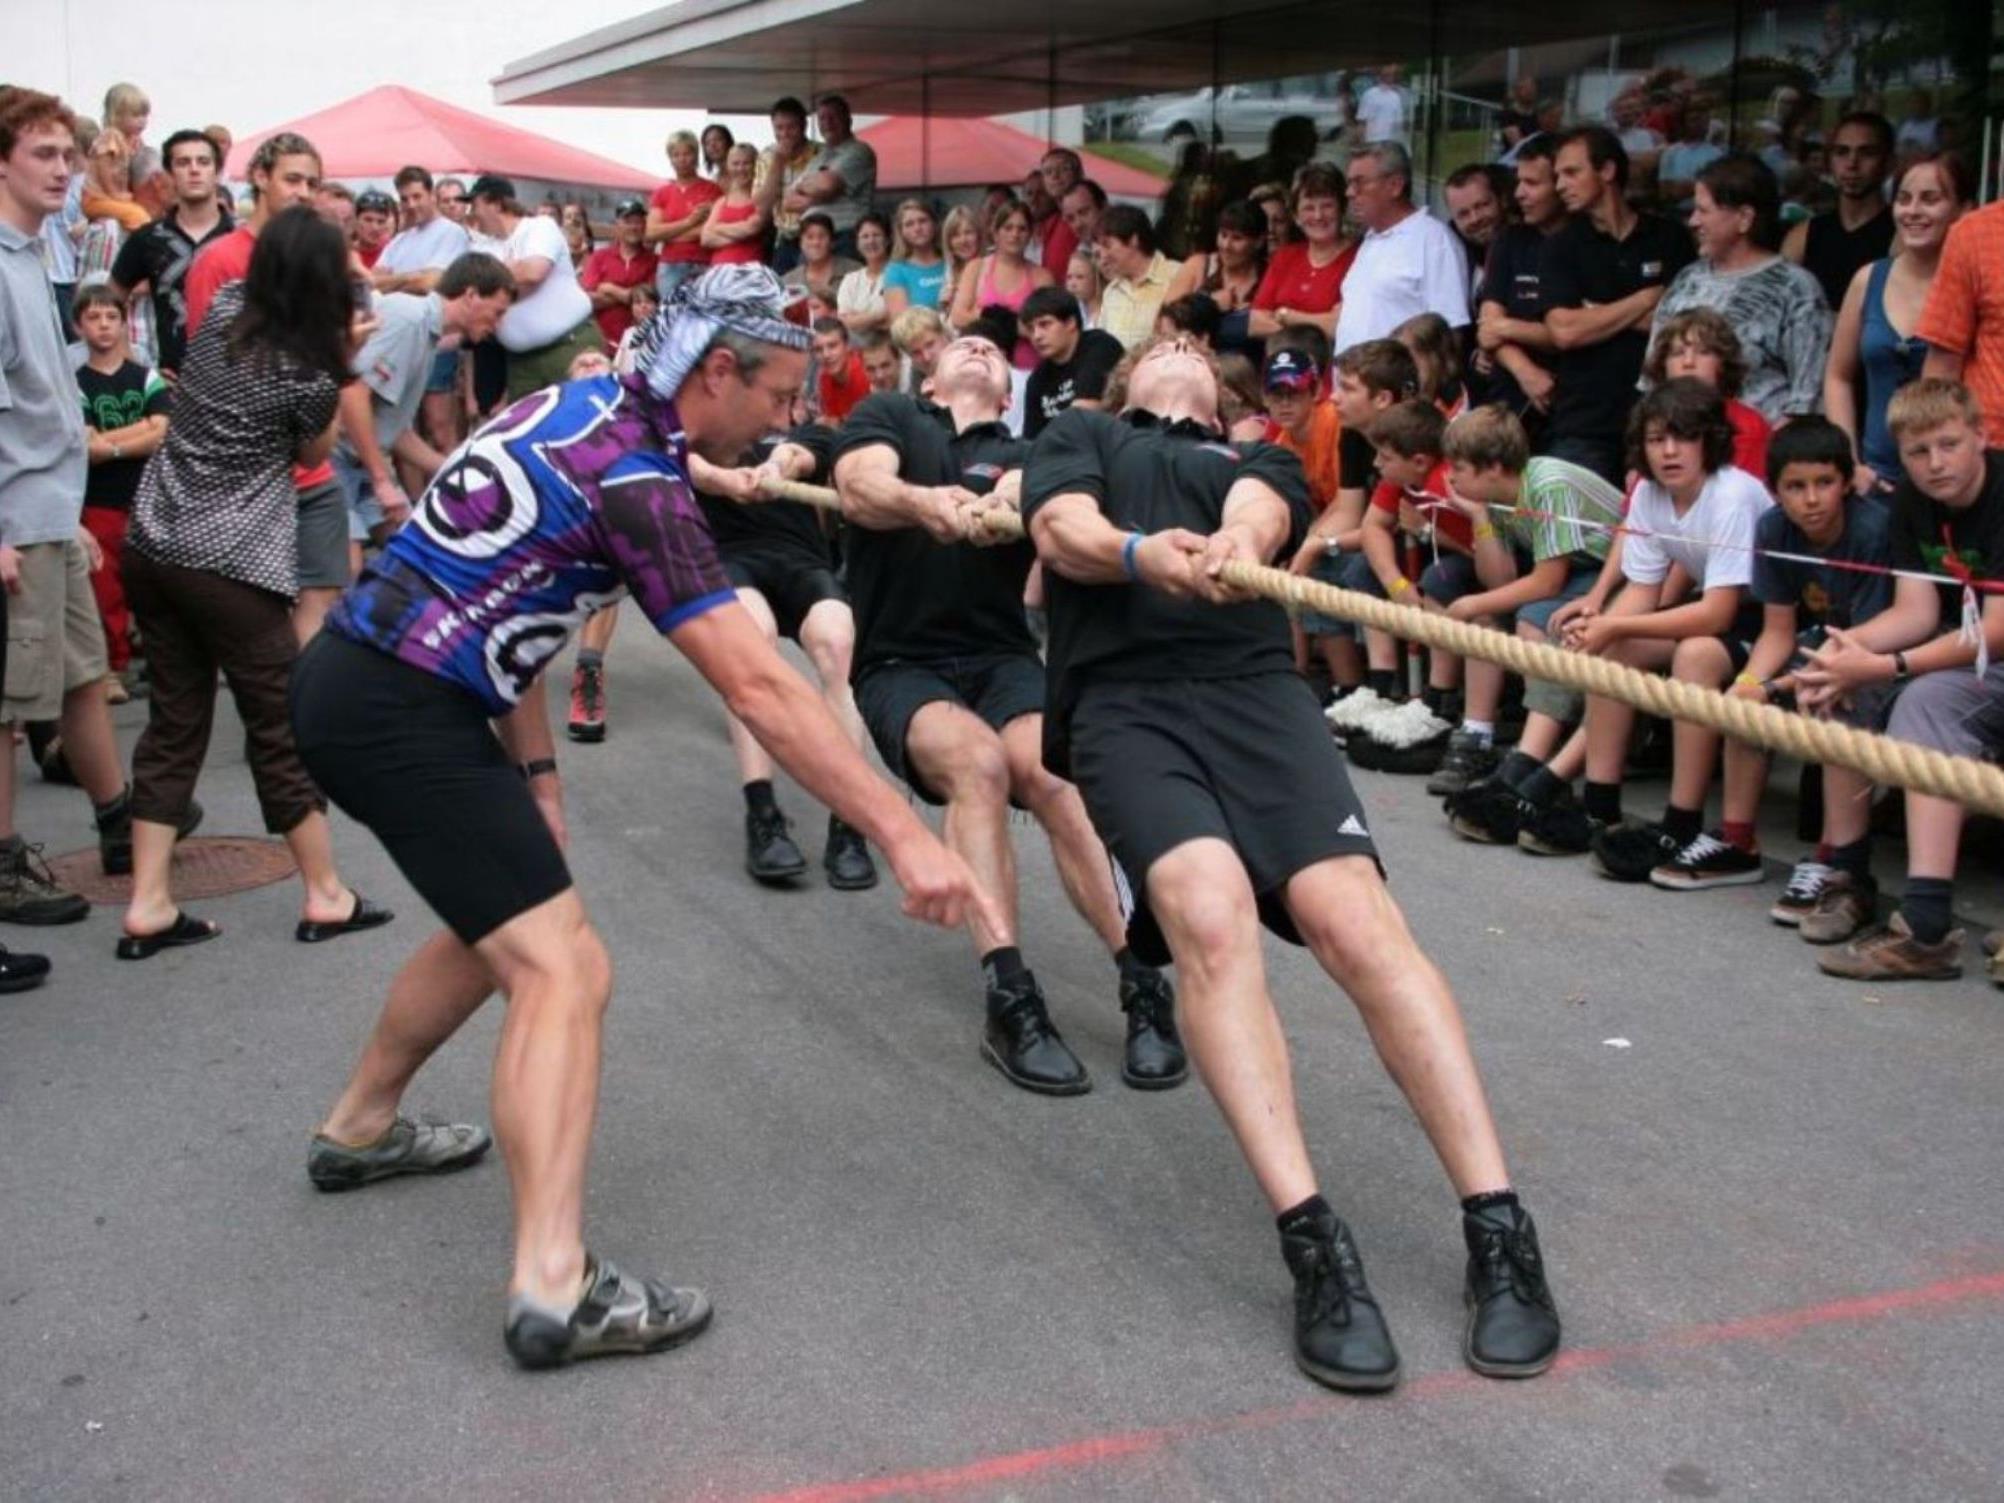 Spaß und sportliches Kräftemessen ist beim Feuerwehrfest Buch angesagt.